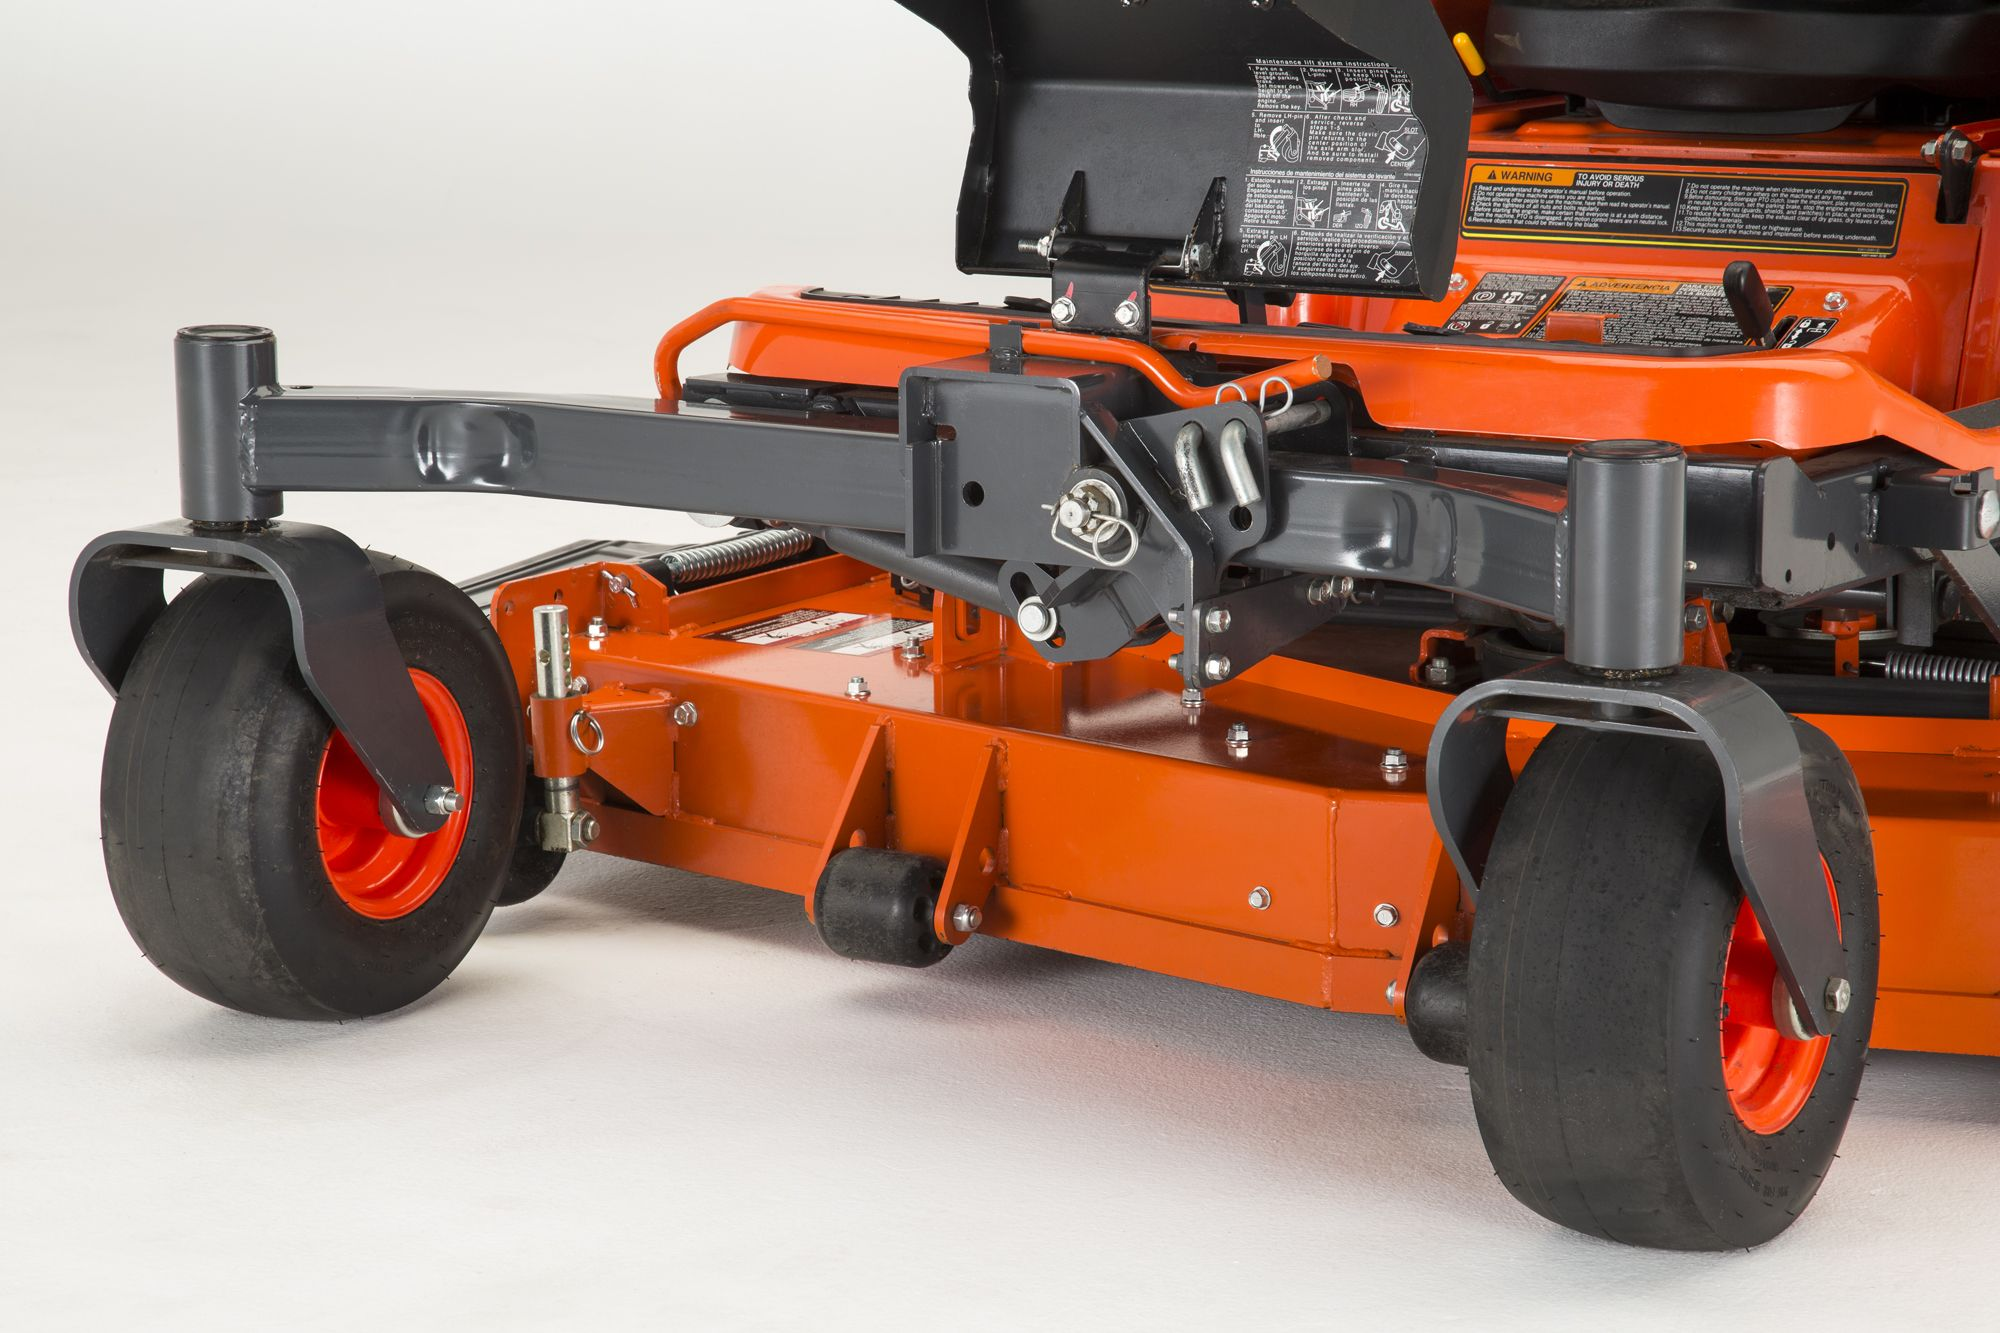 Kubota ZD1021-60 Diesel Zero-Turn Mower   Lawn Equipment   Snow